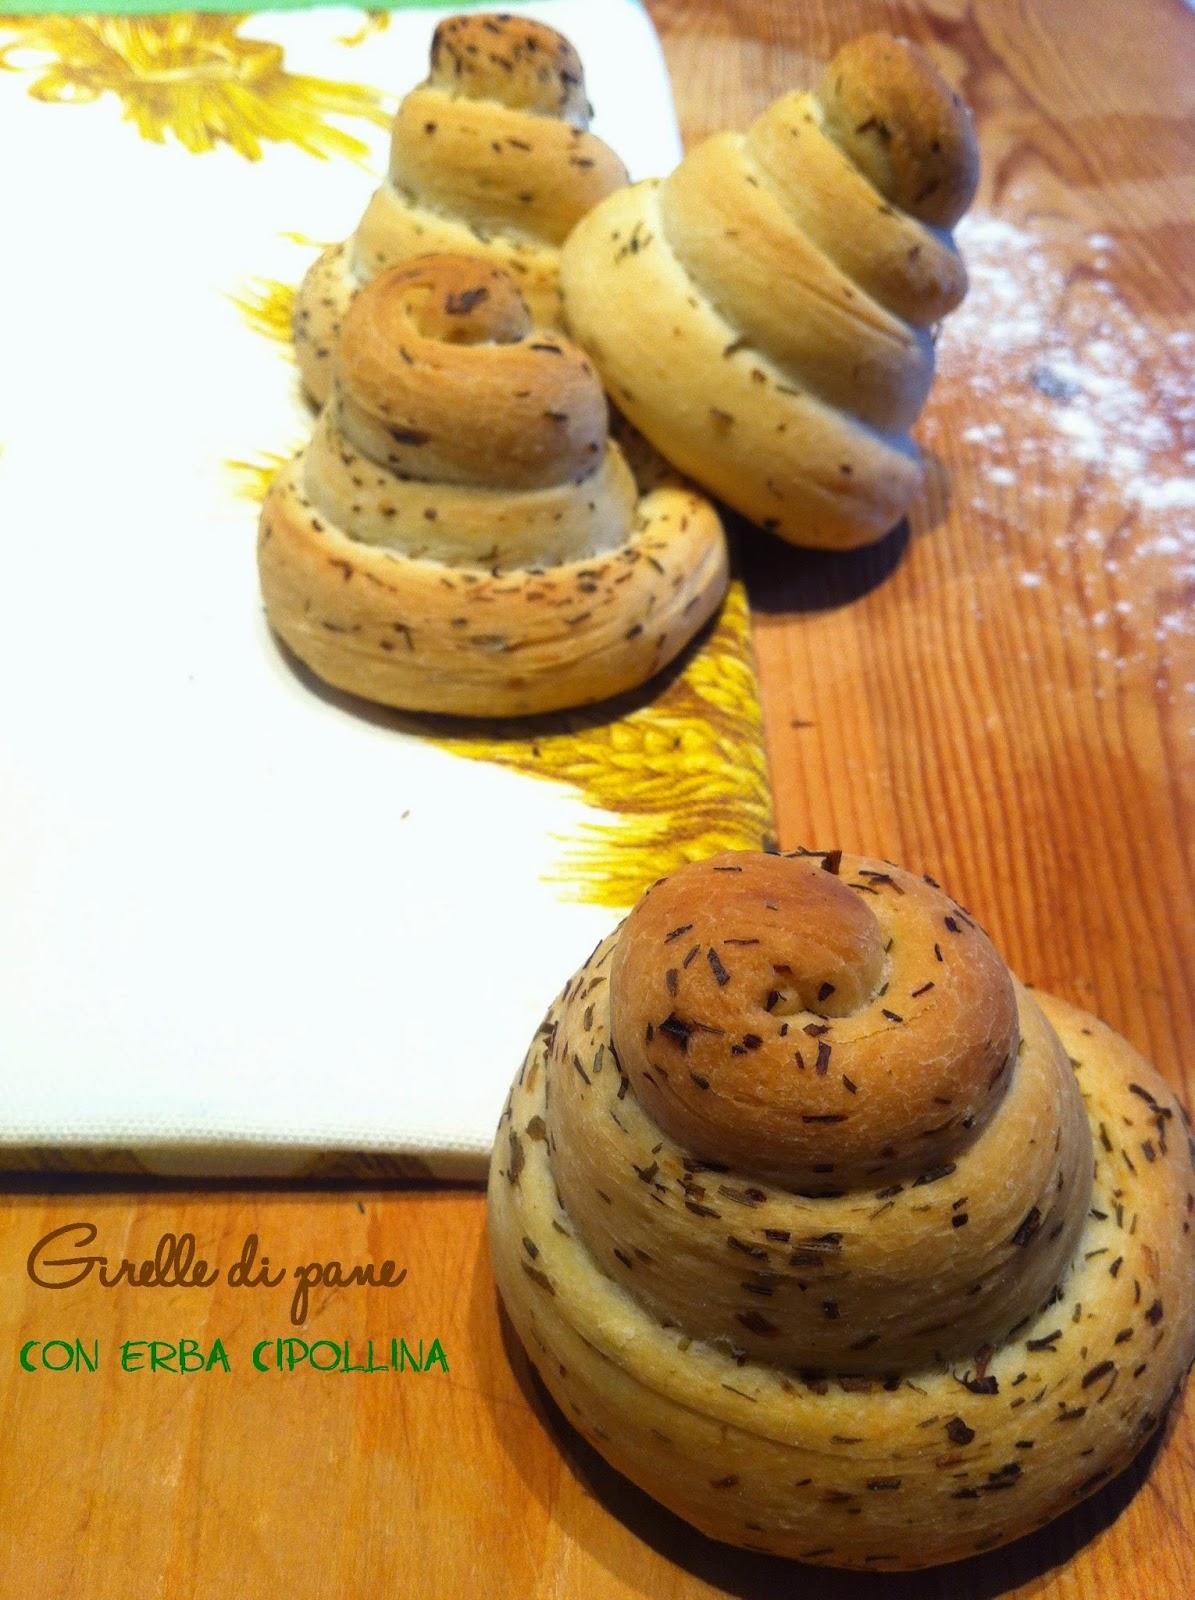 girelle di pane con erba cipollina